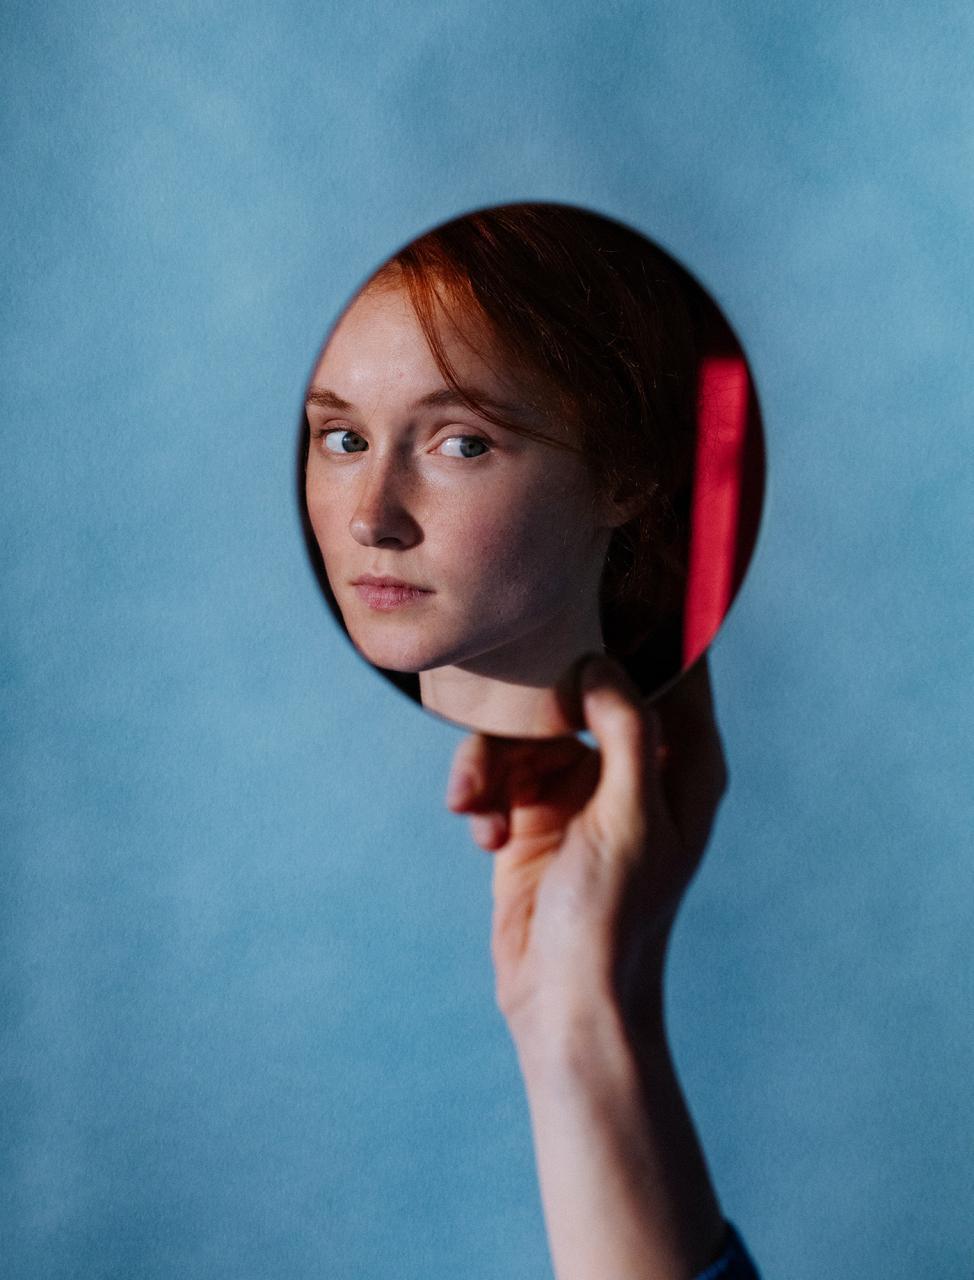 乌克兰摄影史 Marta Syrko人像作品【red and blue】 时尚图库 第13张